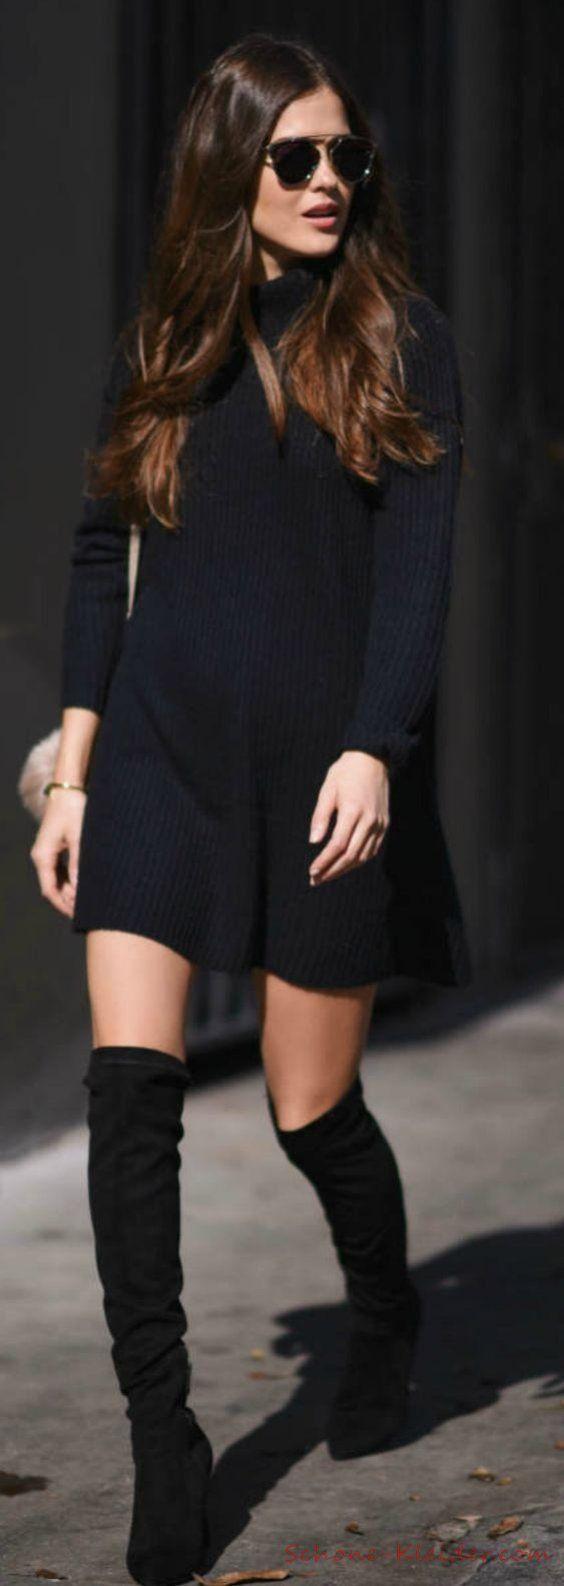 10 Fantastisch Schöne Winterkleider Ärmel15 Spektakulär Schöne Winterkleider Design